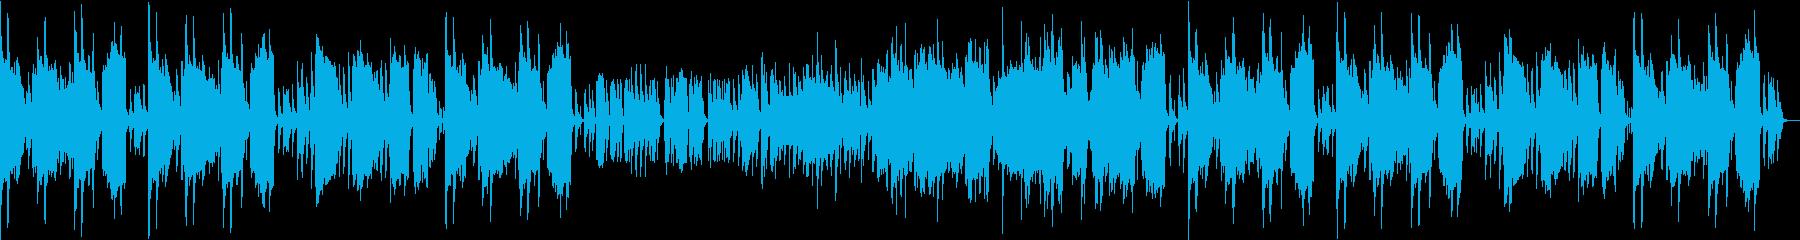 楽しい雰囲気のジャズの再生済みの波形